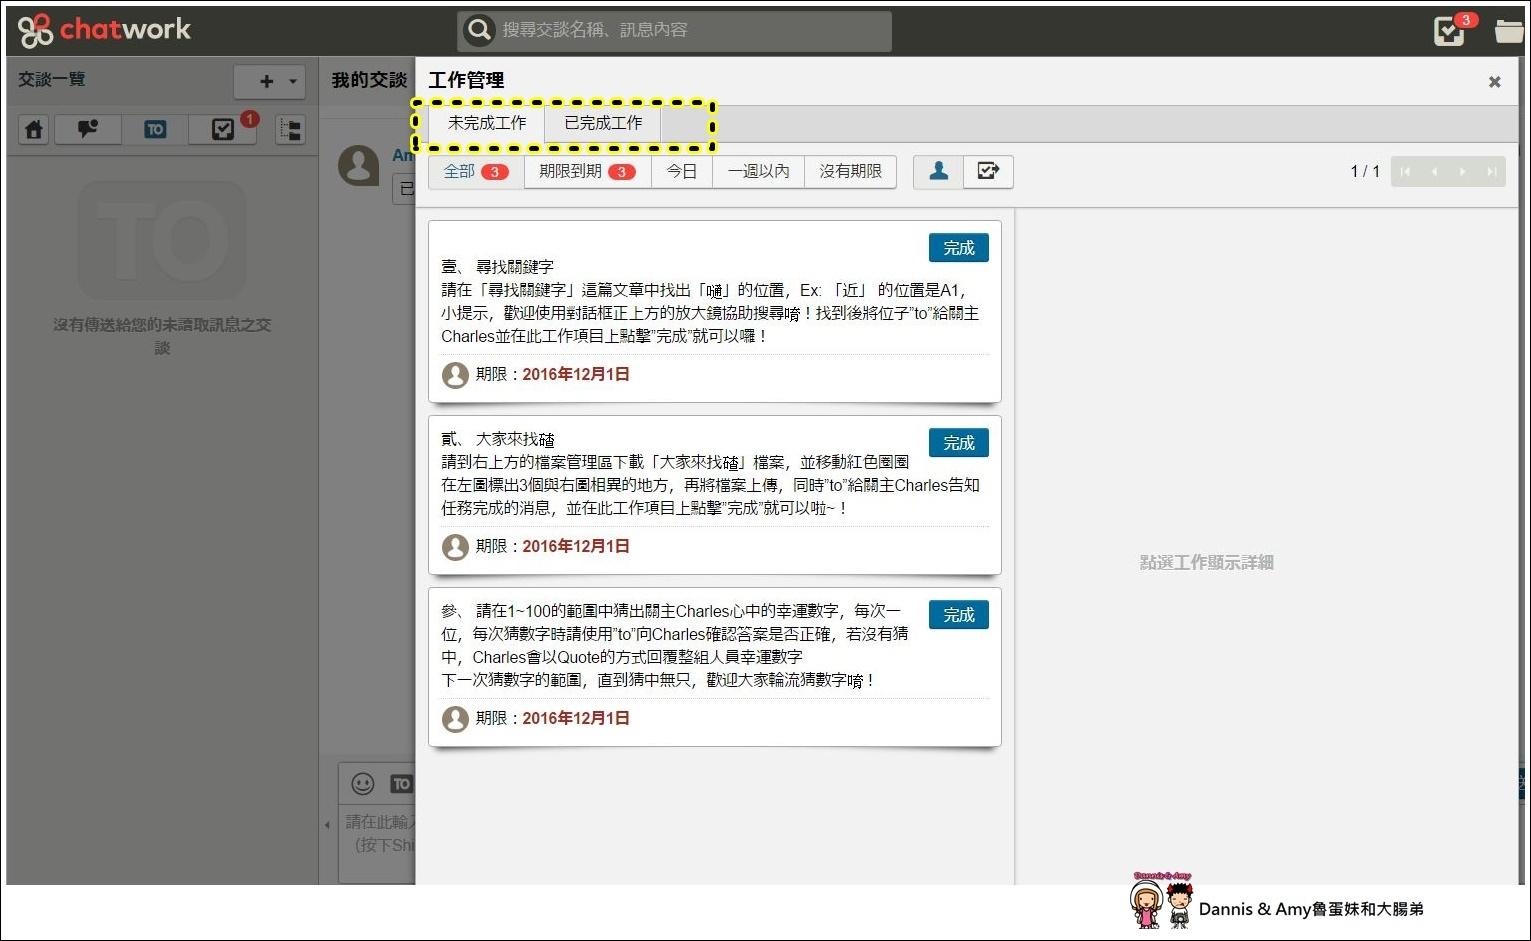 20161201《資訊報報》日本商用第一通訊軟體ChatWork讓你輕鬆擁有雲端會議室。ChatWork尾牙提案競賽搶優勝得十萬元尾牙基金︱ (4).JPG